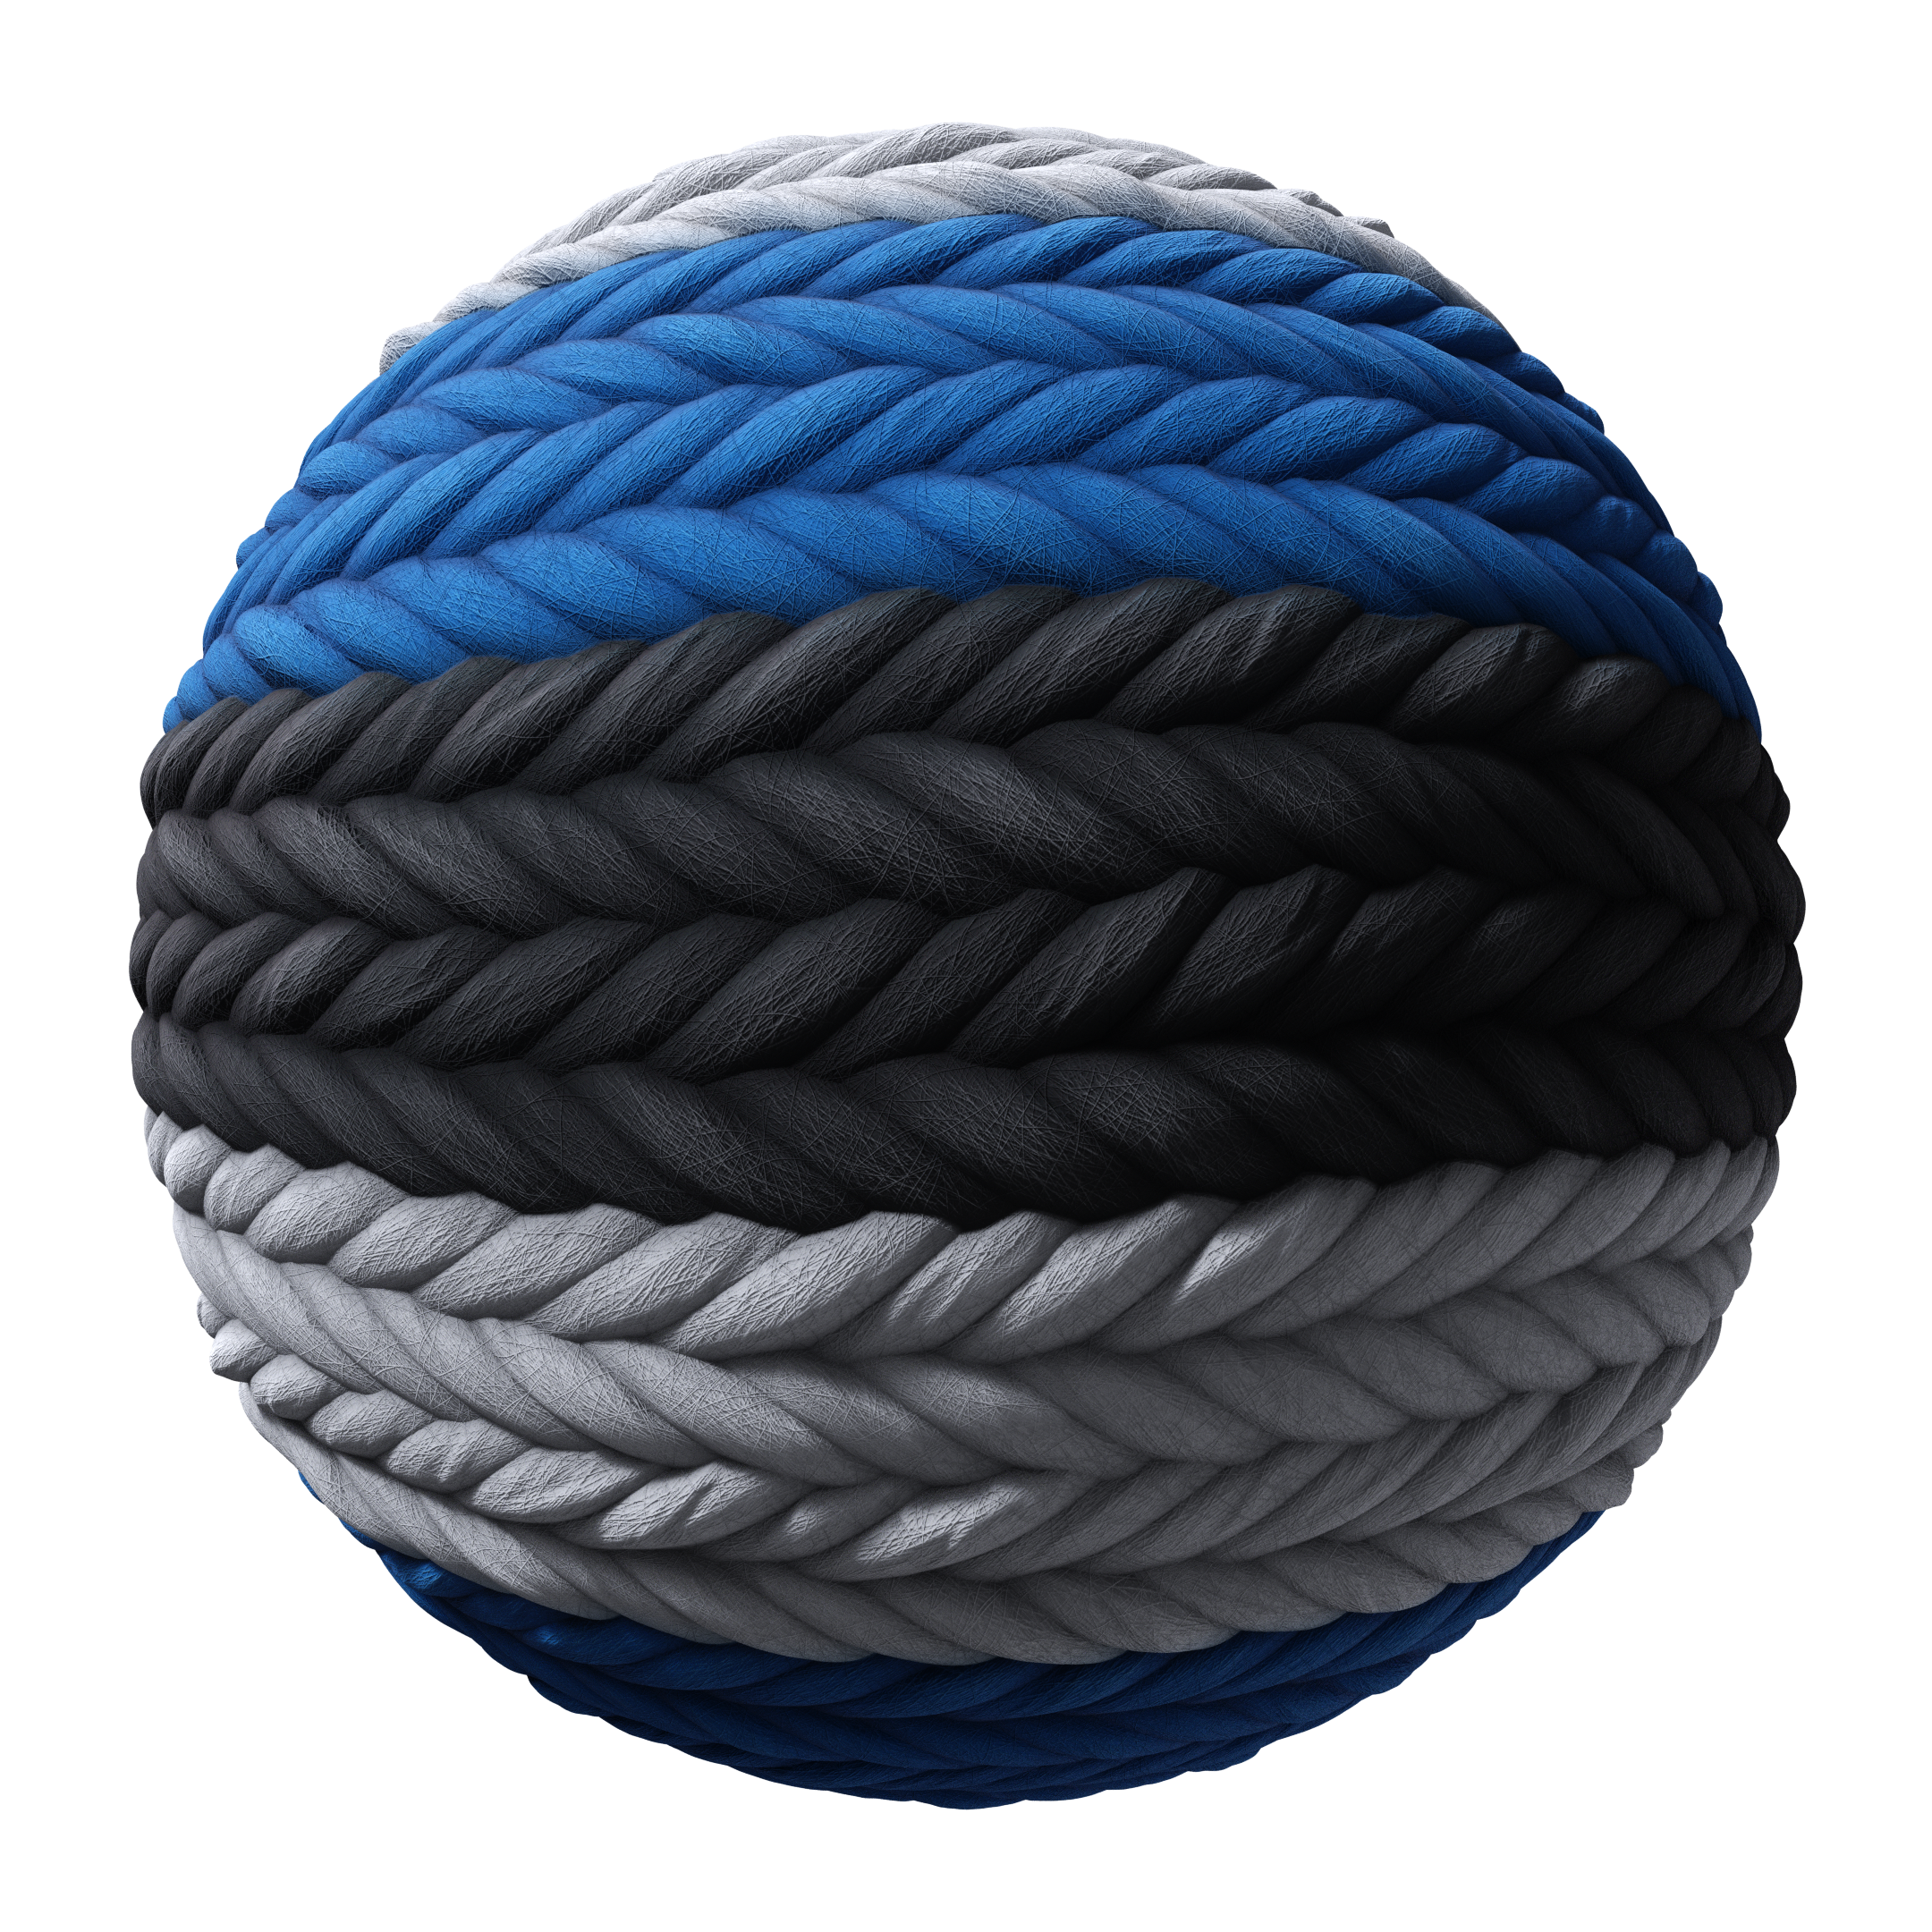 Tcom_Fabric_Wool5_thumb1.png